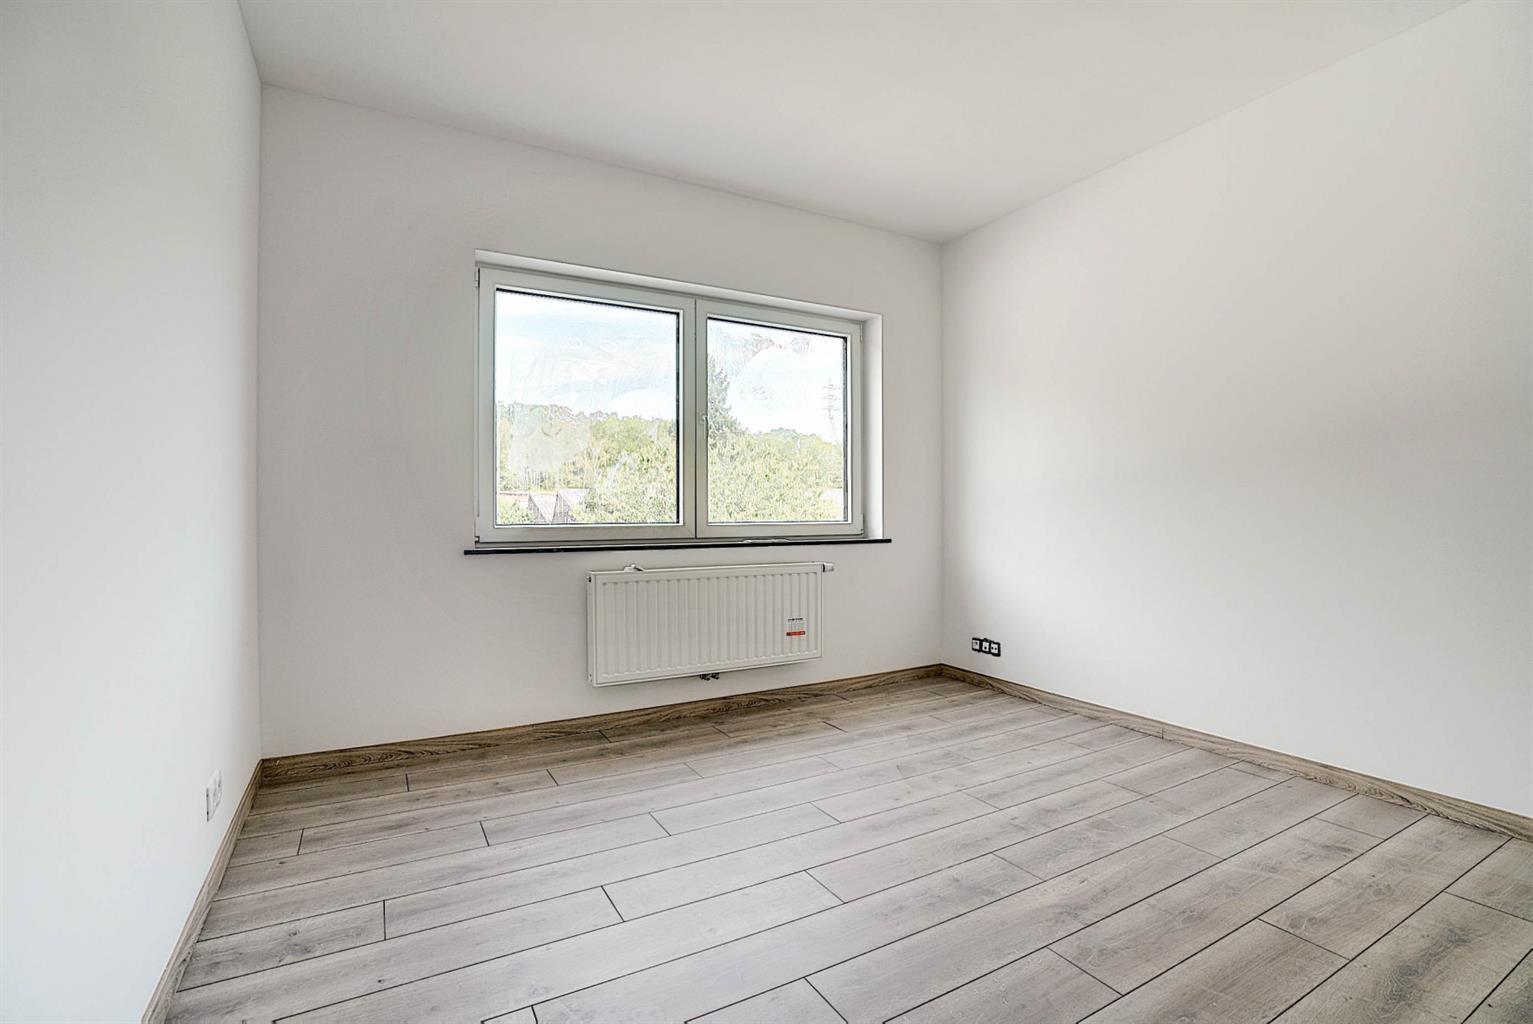 Appartement - Herstal - #4148213-8